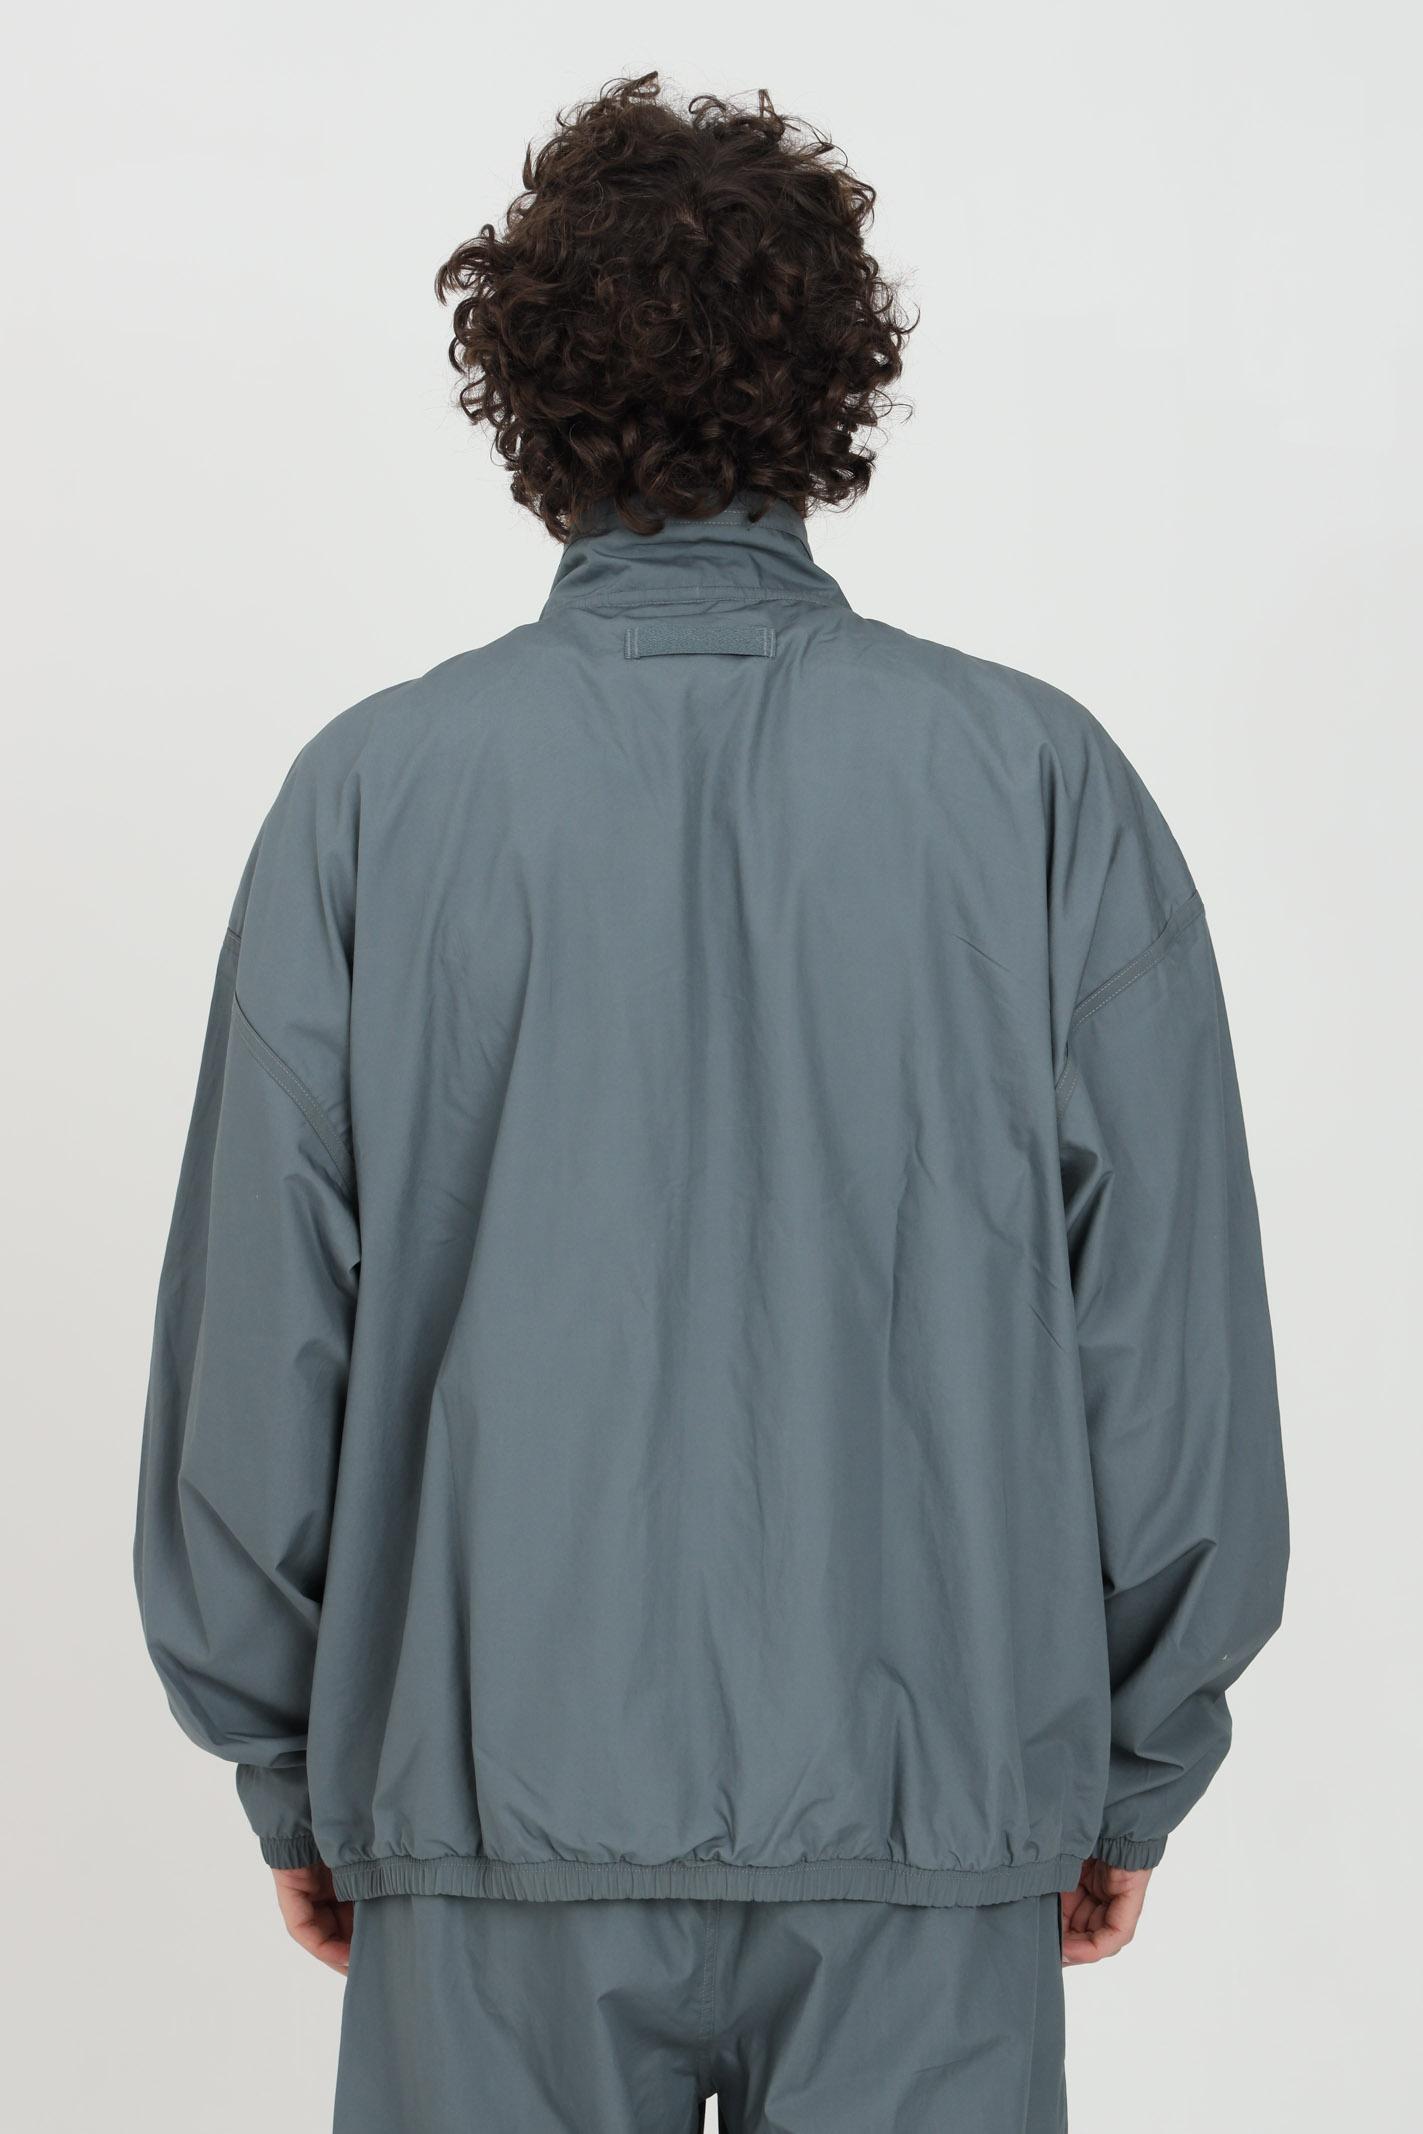 Giacca a vento uomo blue adidas con zip integrale ADIDAS | Giubbotti | GN3327.